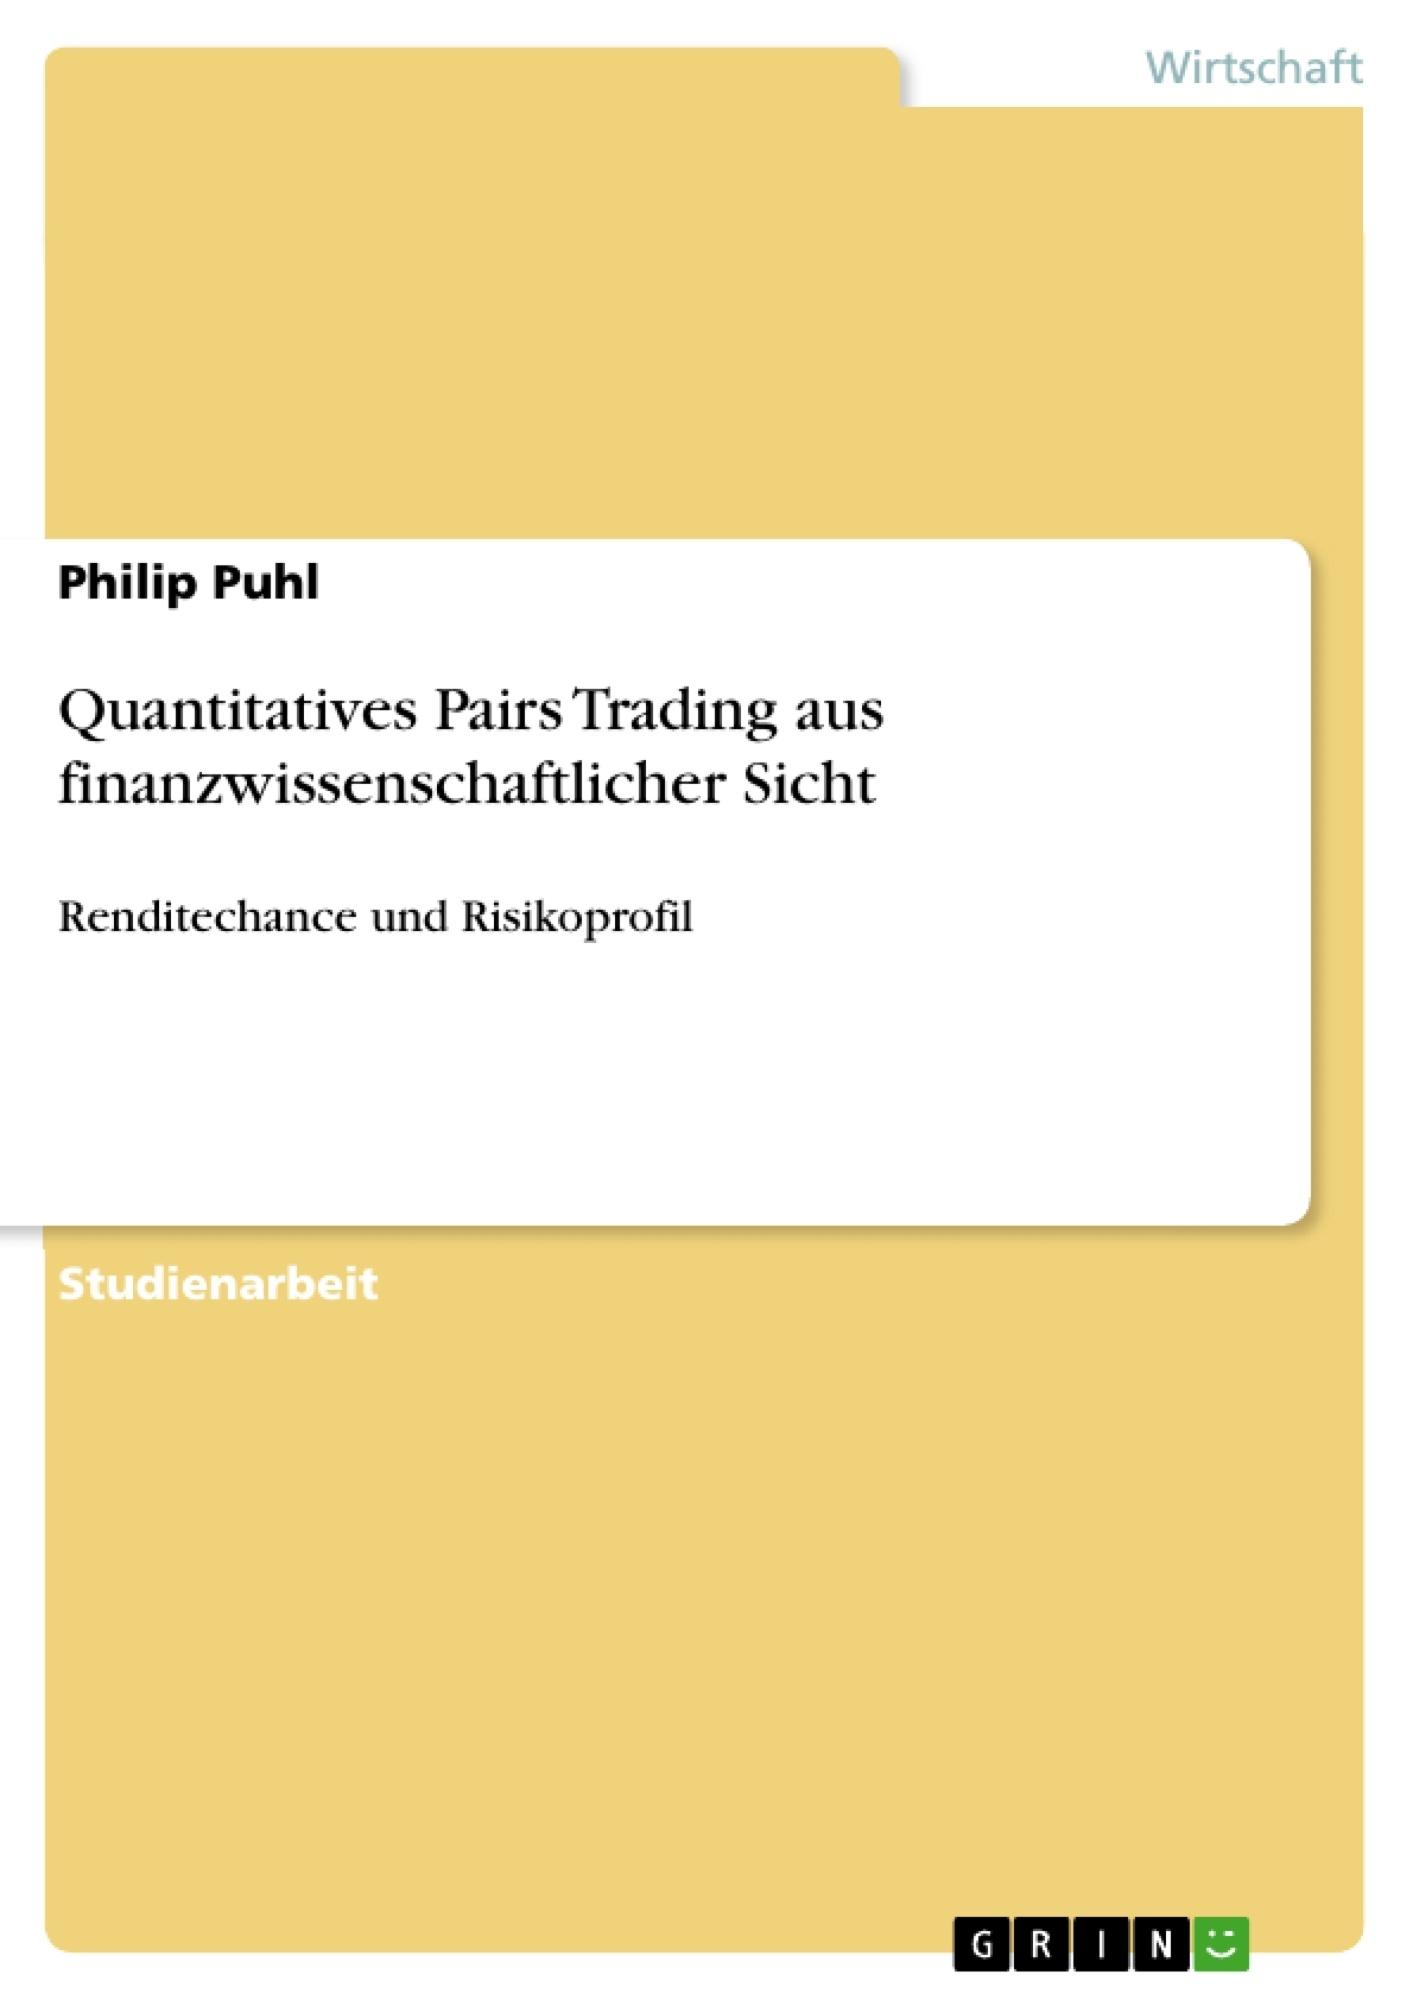 Titel: Quantitatives Pairs Trading aus finanzwissenschaftlicher Sicht